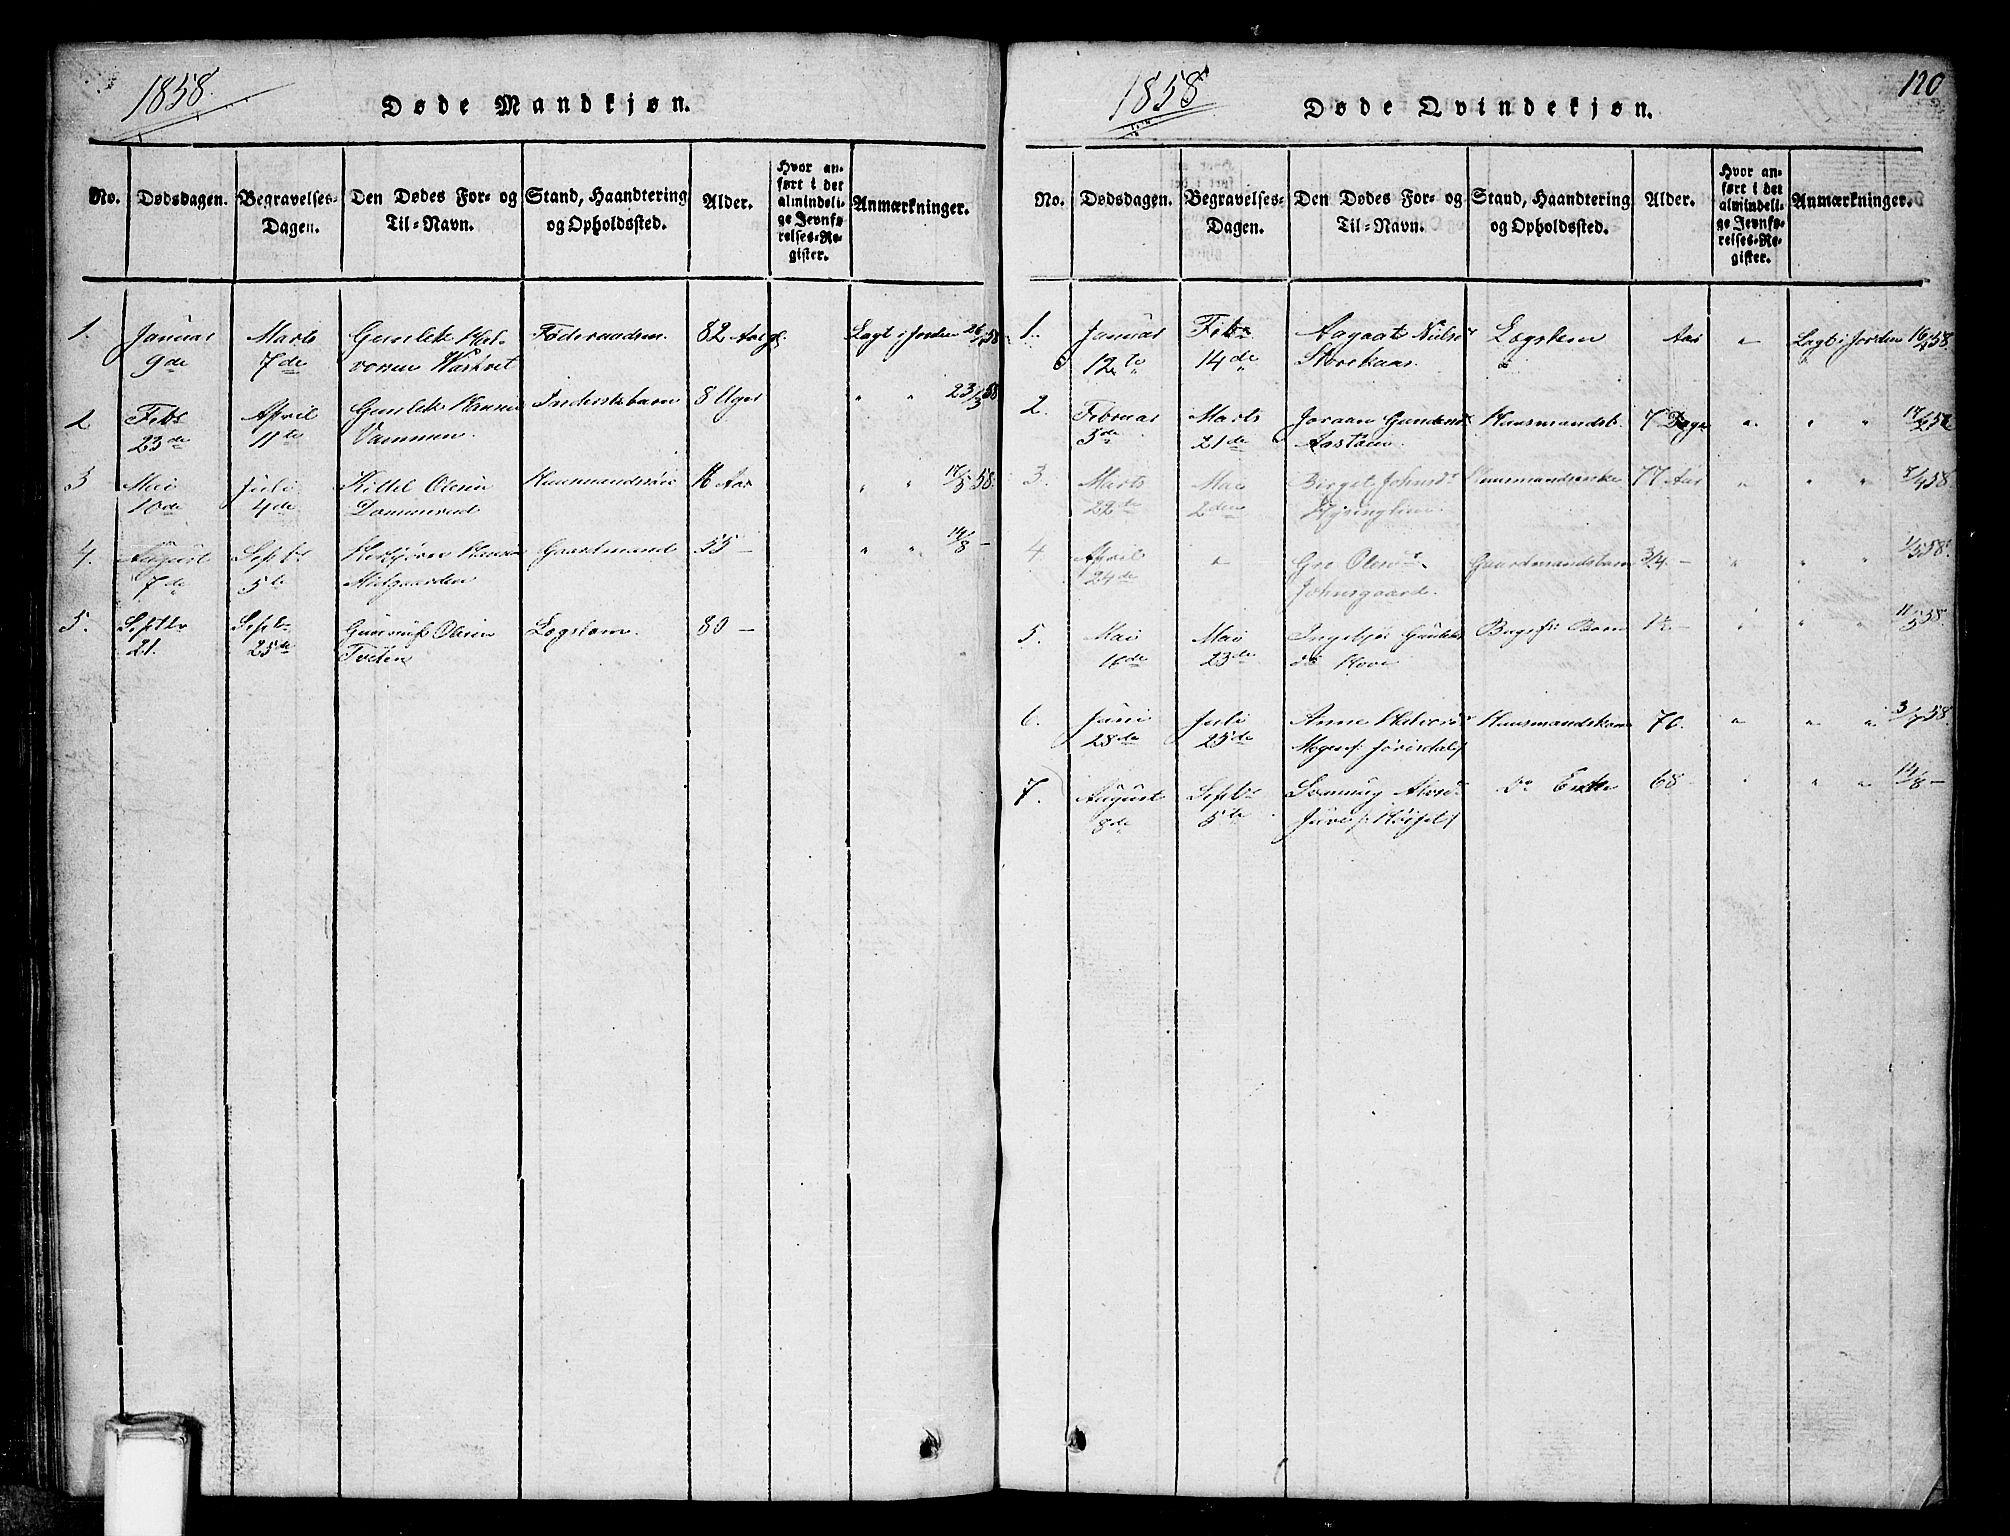 SAKO, Gransherad kirkebøker, G/Gb/L0001: Klokkerbok nr. II 1, 1815-1860, s. 120